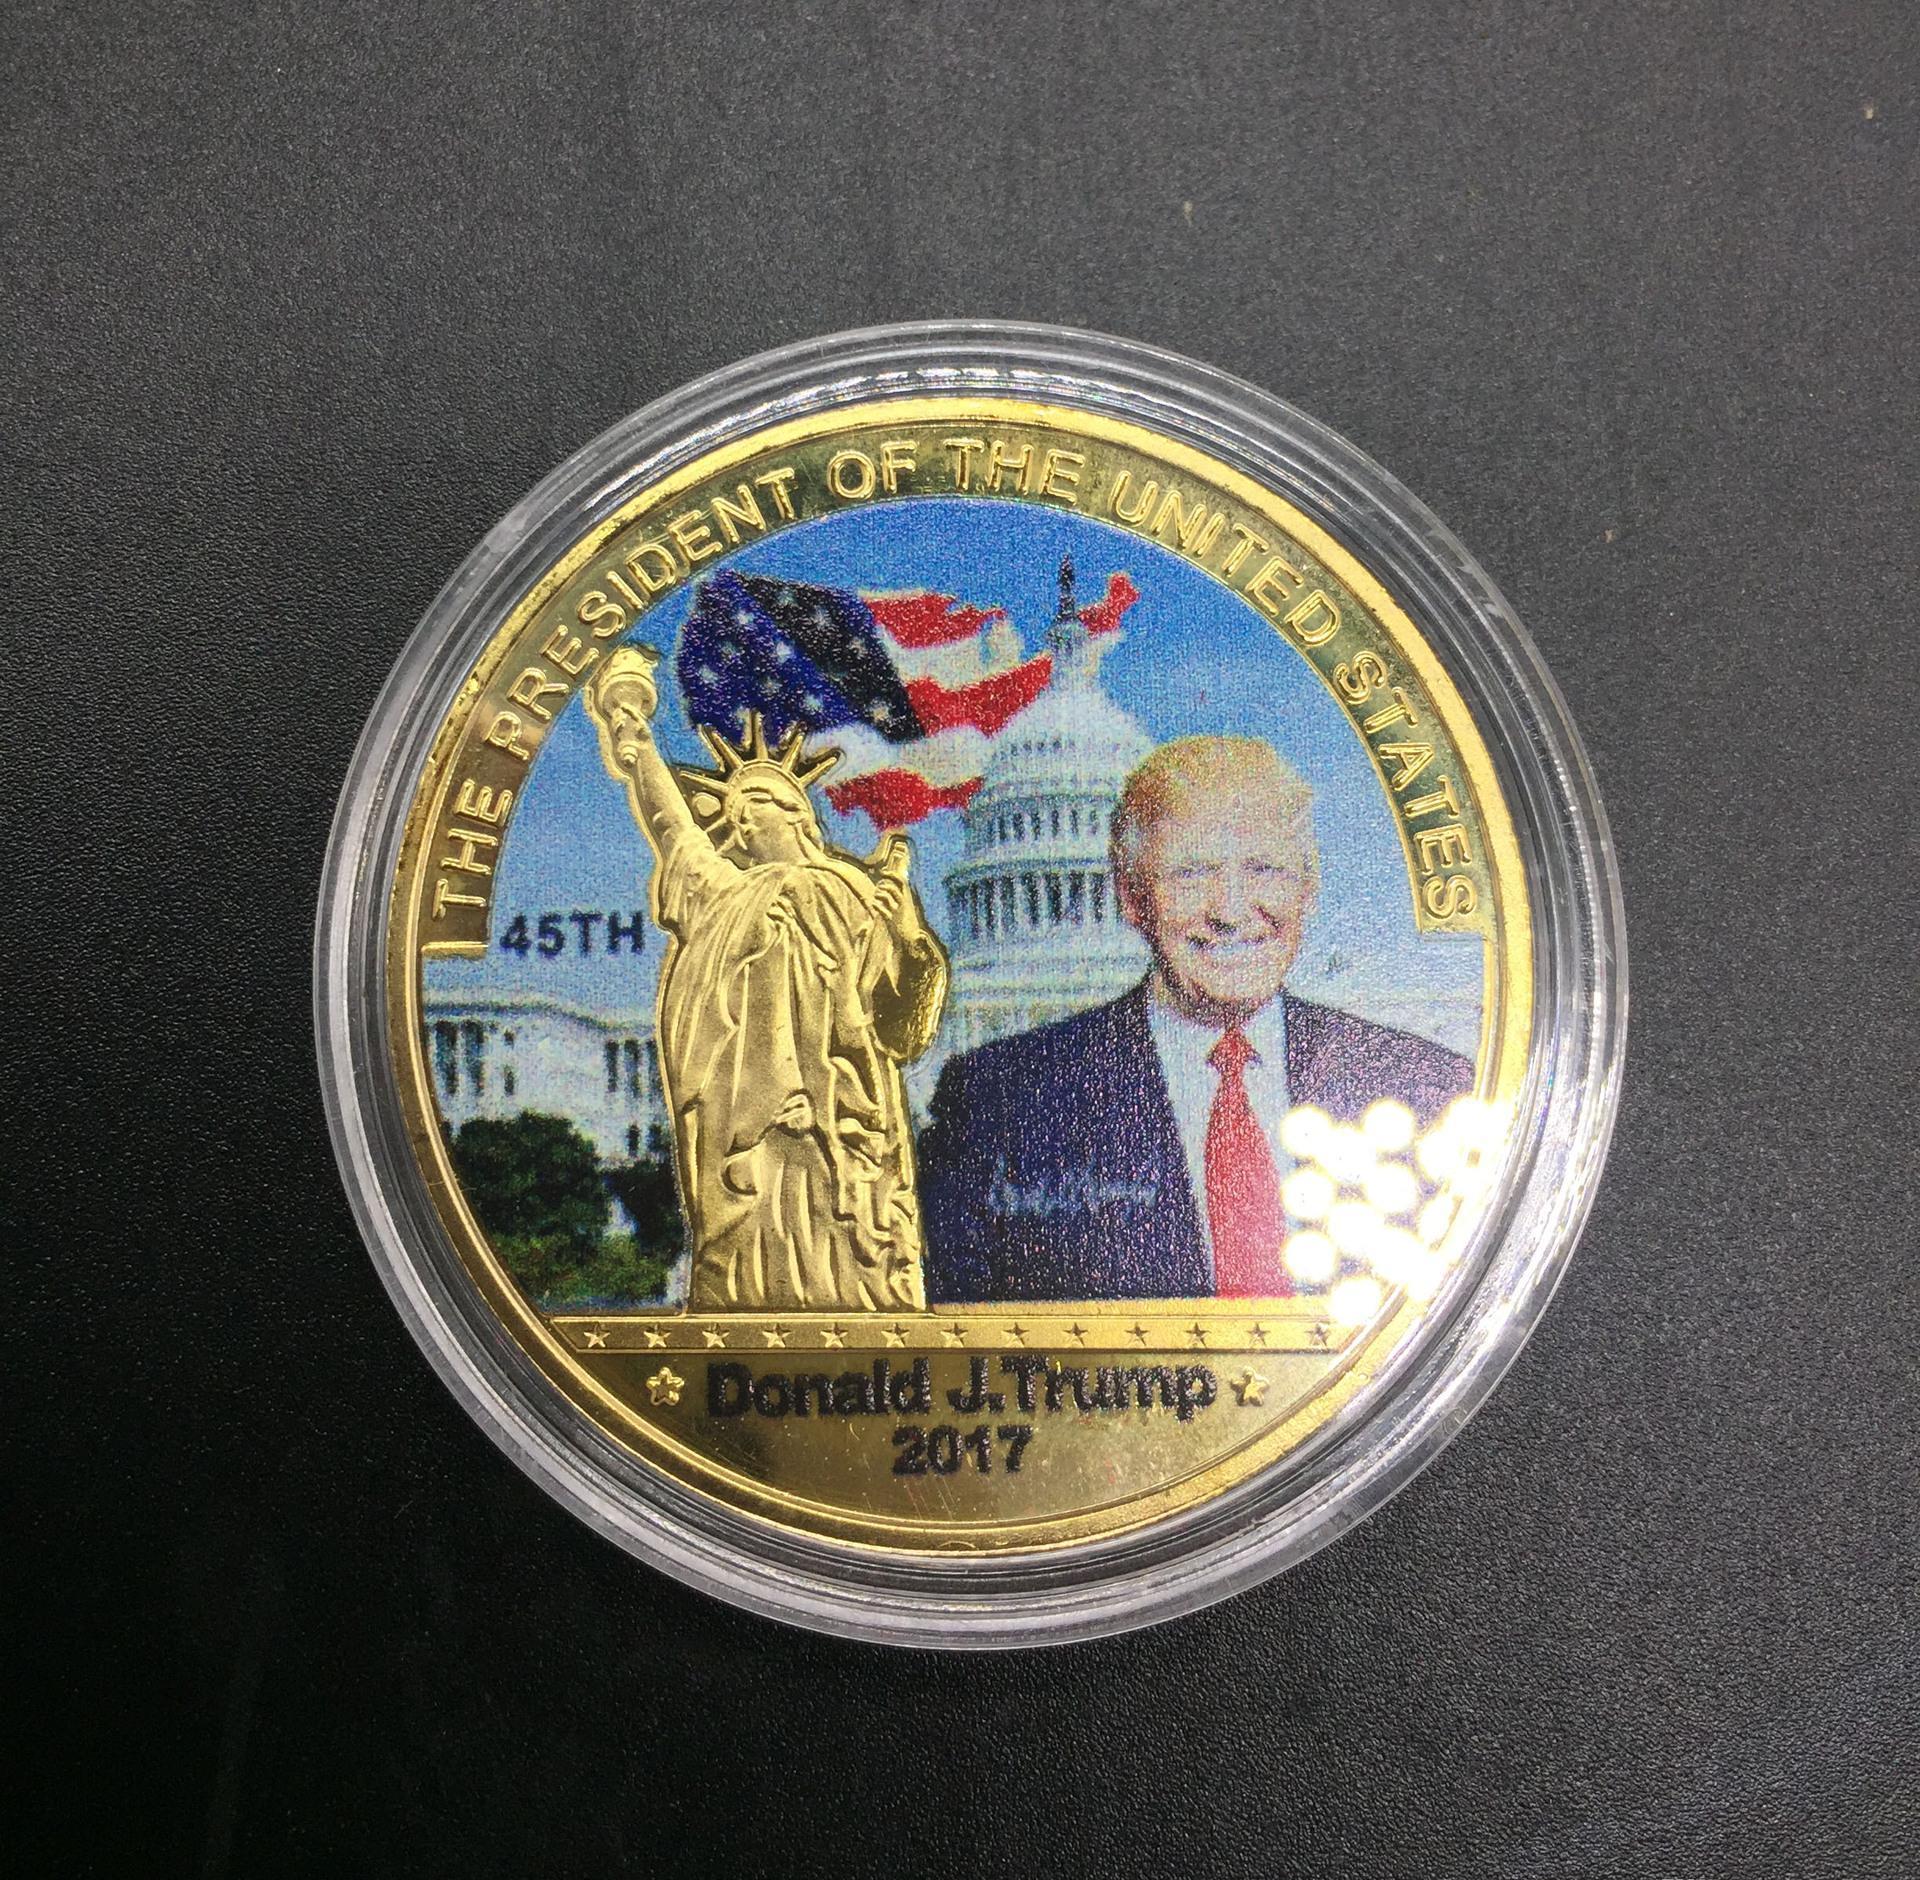 Or argent Donald Trump Badge Coin président américain Métal Craft Pièces commémoratives dayupshop LnvIk